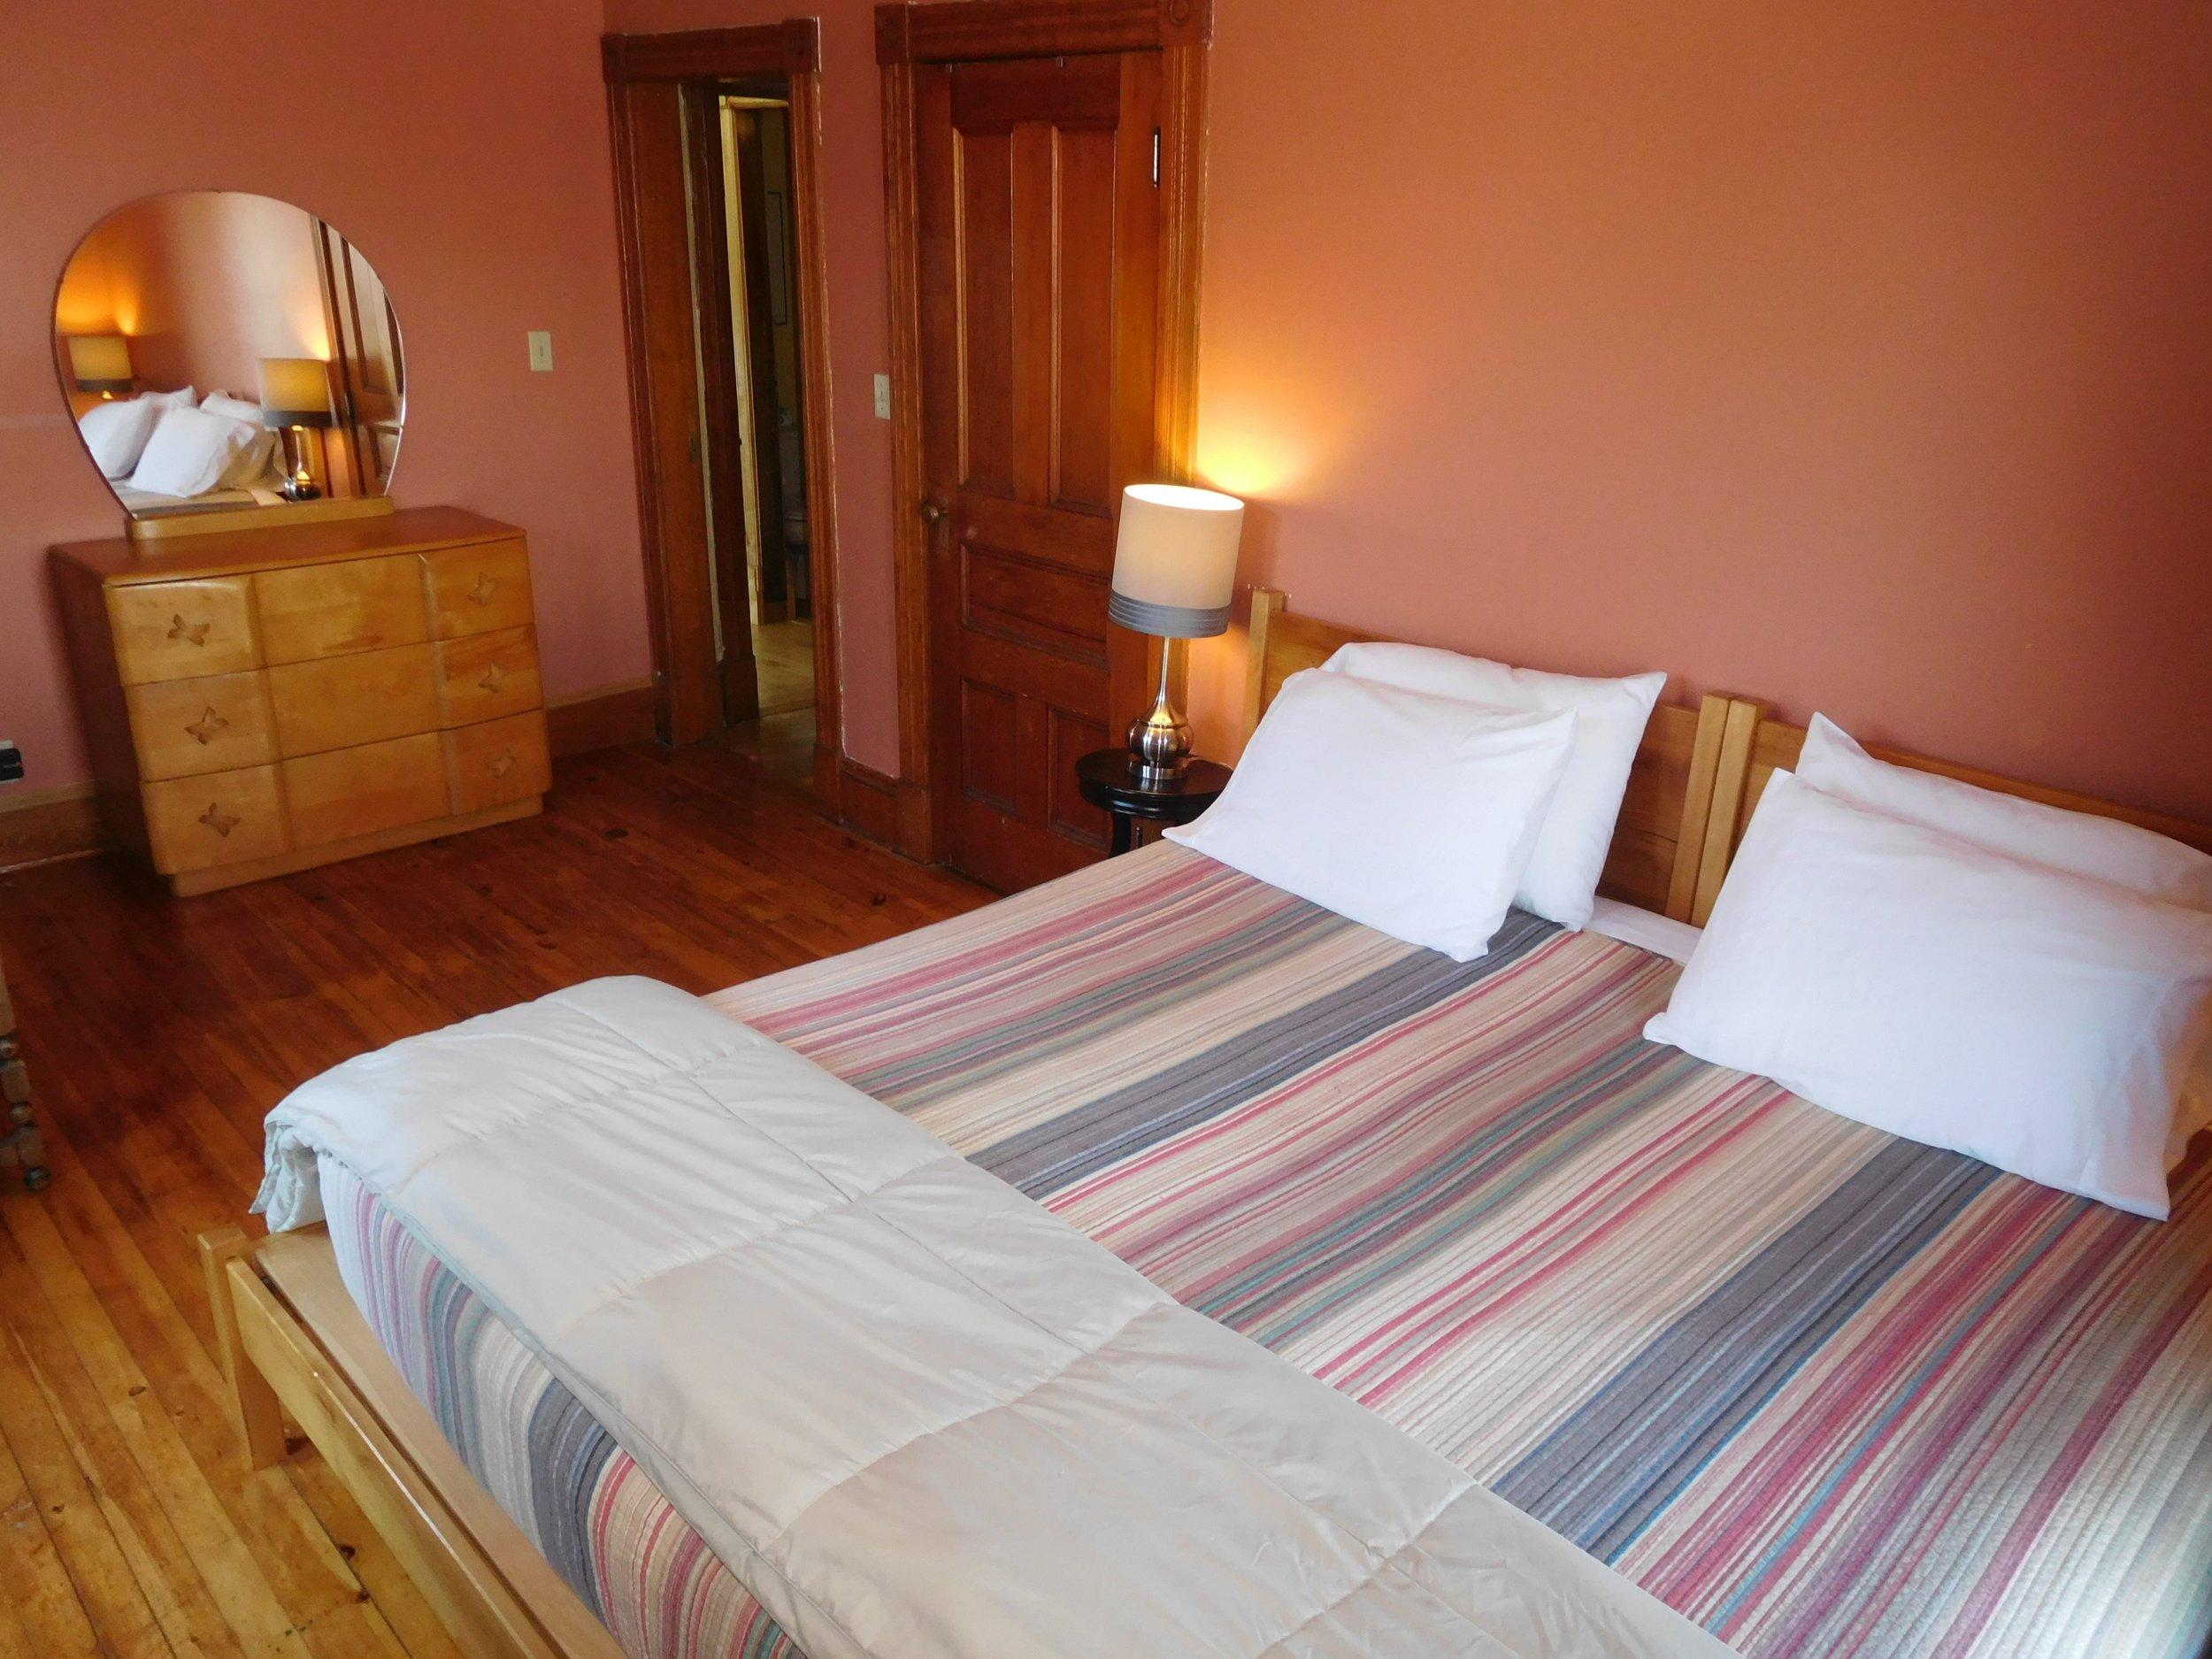 Left Wing master bedroom - hardwood floor, handmade bed,